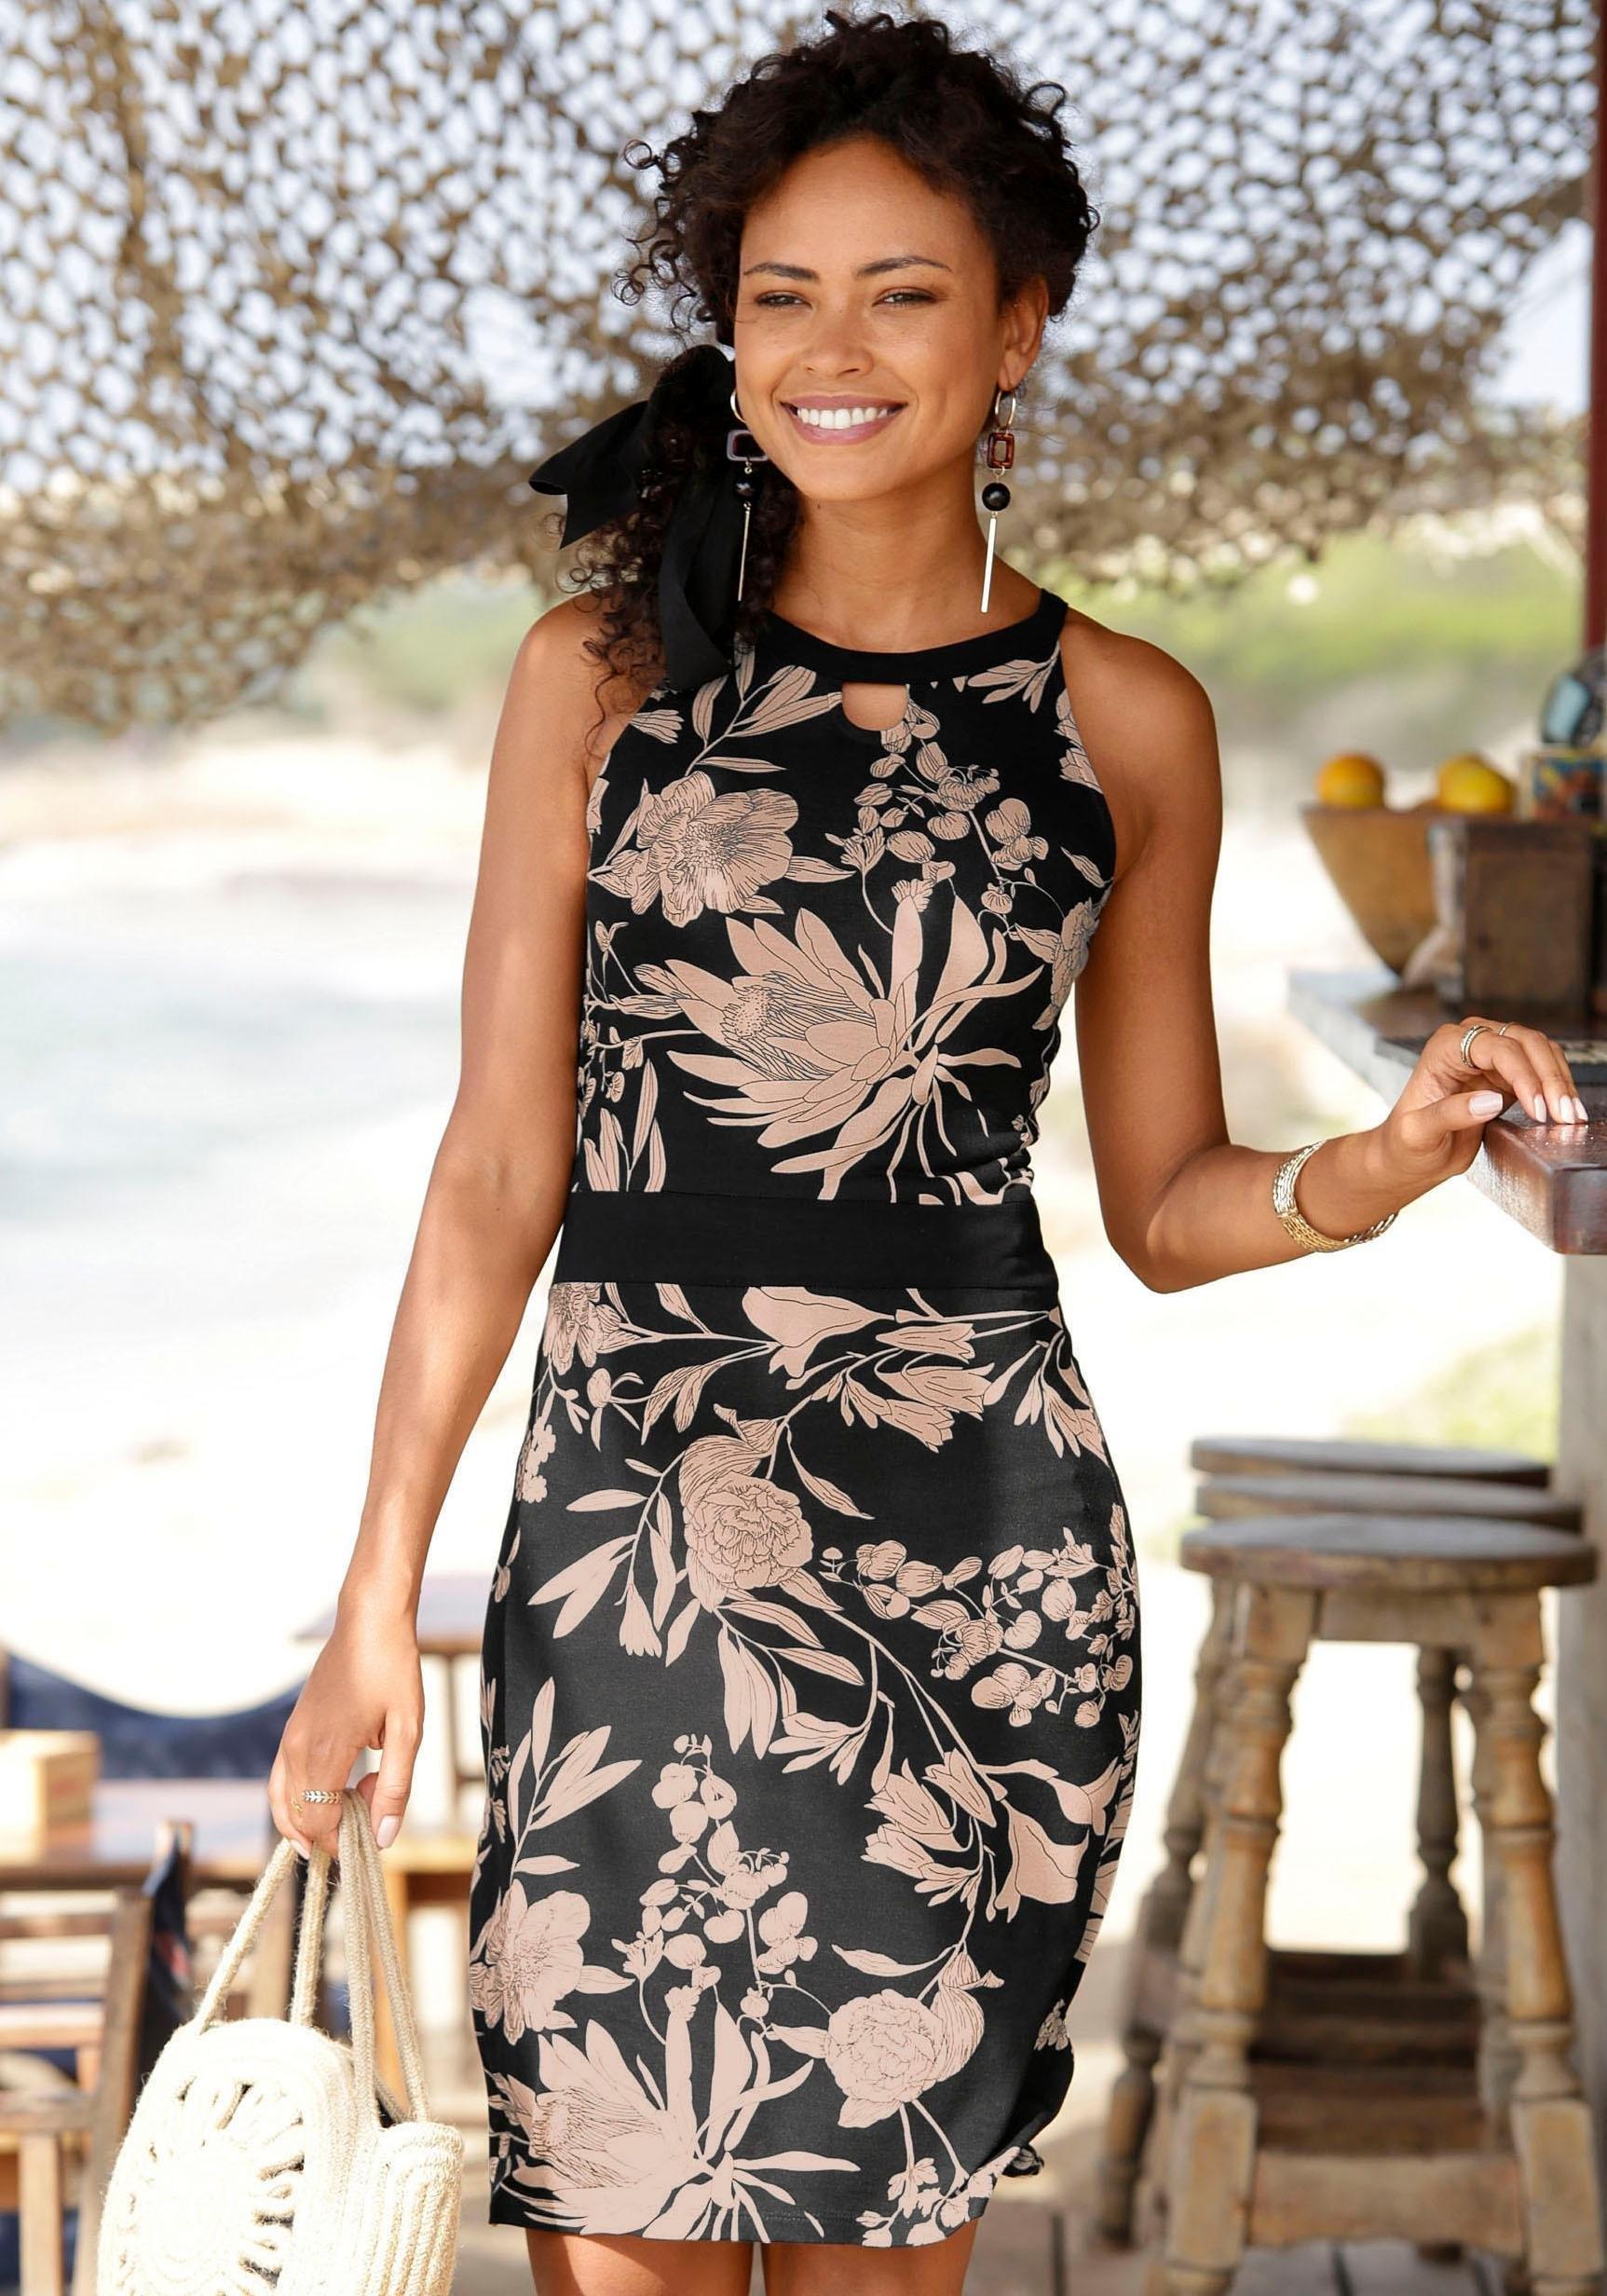 LASCANA gedessineerde jurk nu online kopen bij Lascana